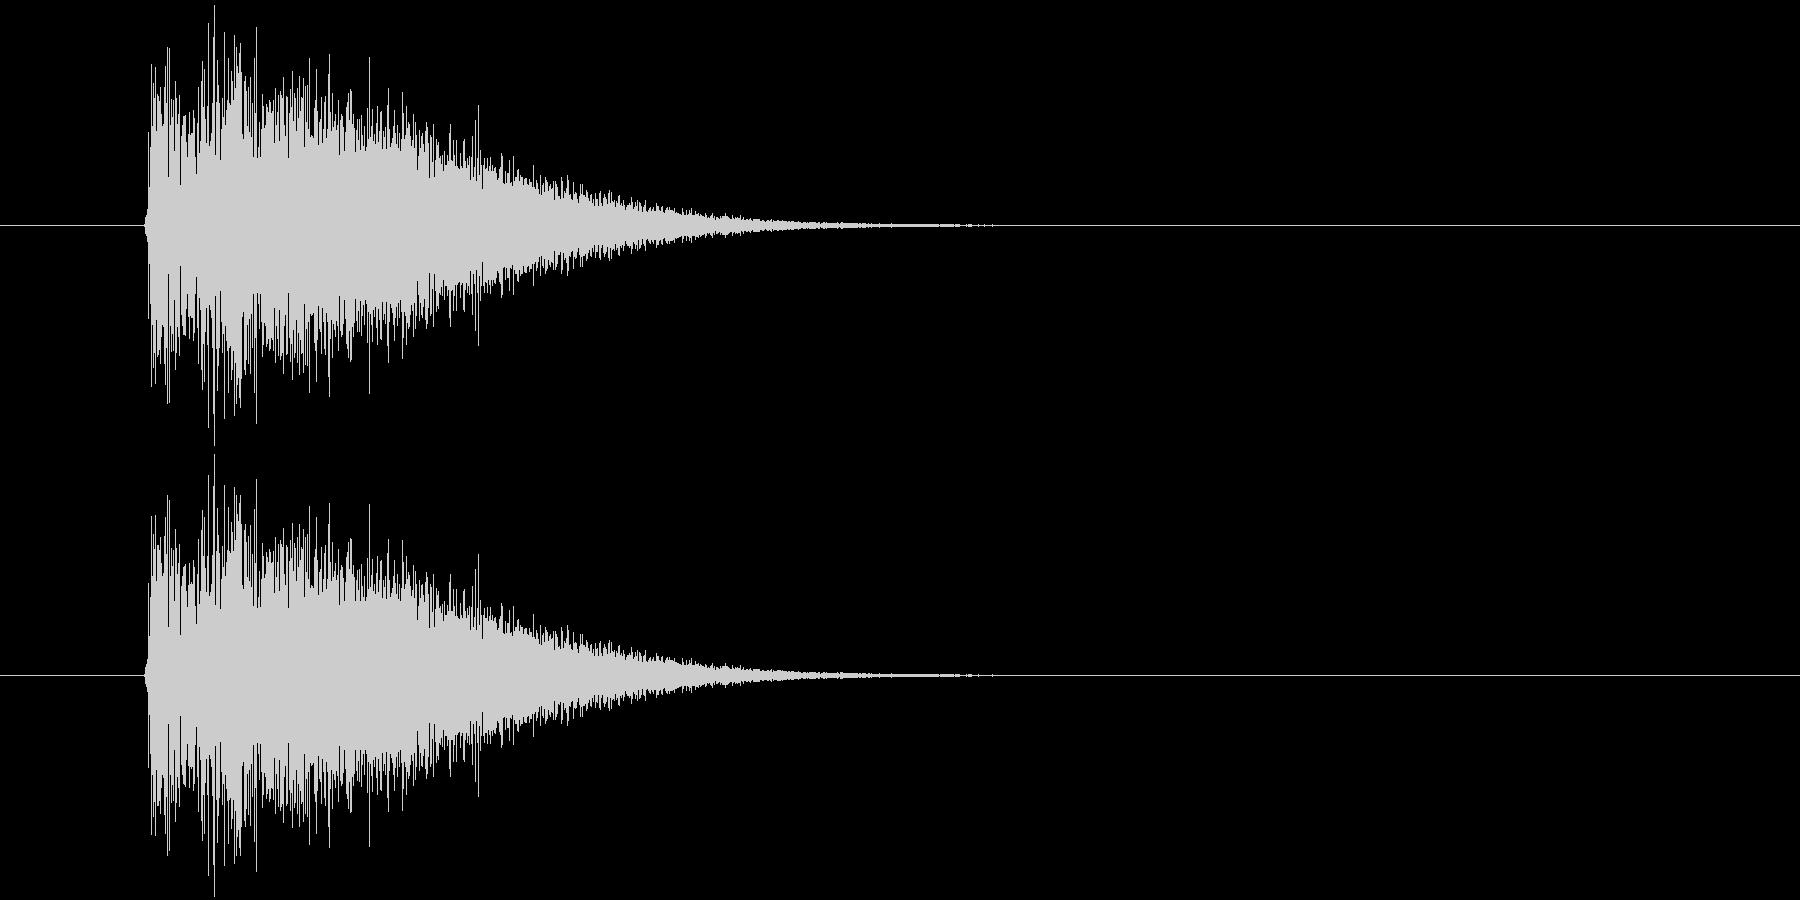 バトルアニメ風効果音_01の未再生の波形